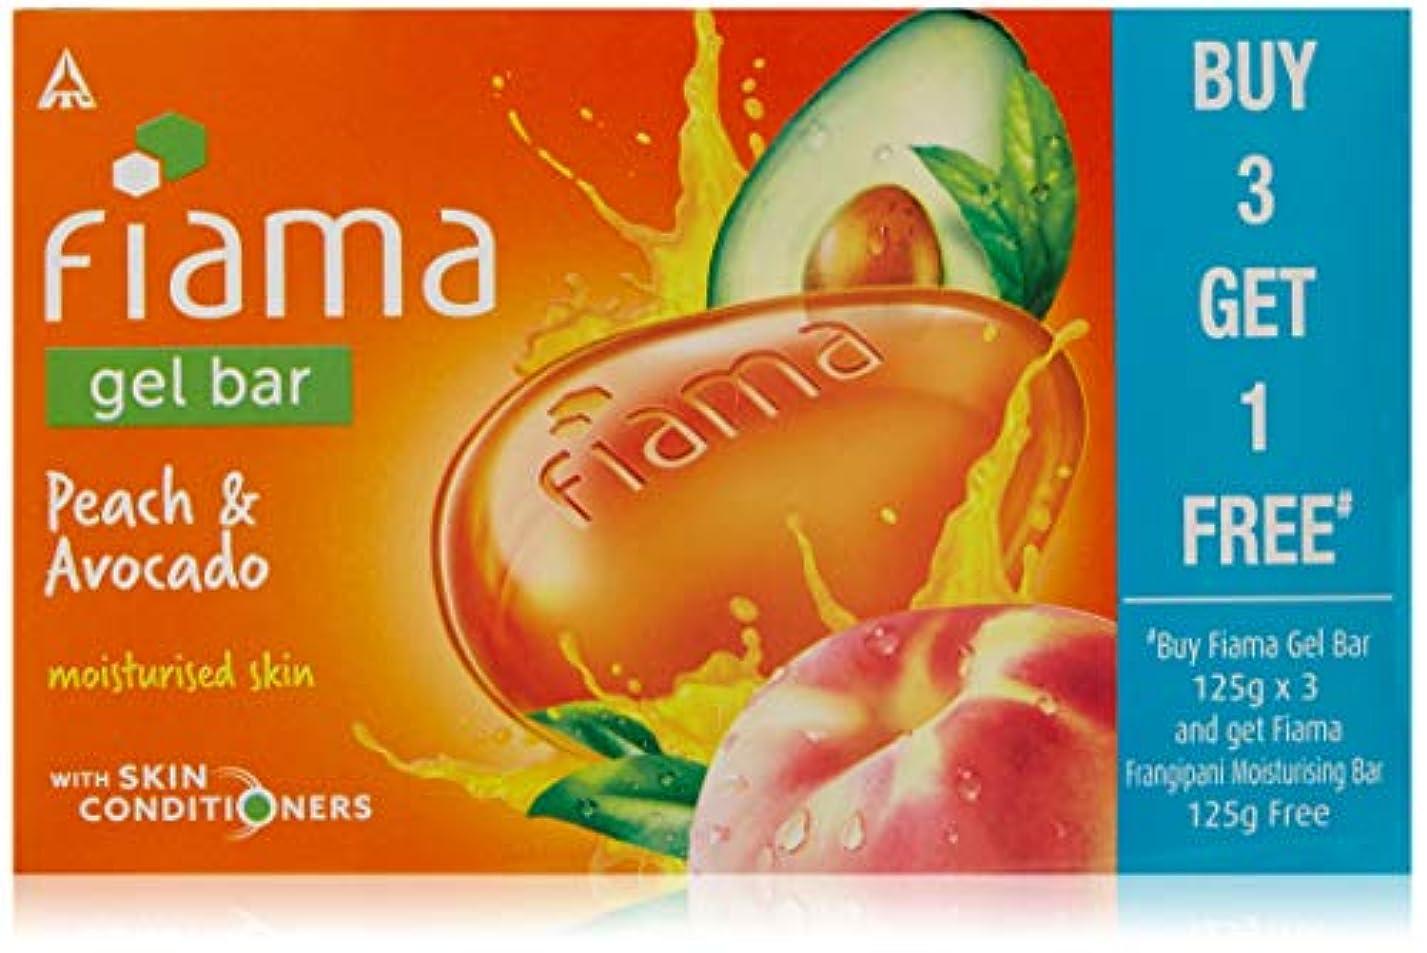 カロリージョットディボンドンアクセシブルFiama BUY Gel Bathing Bar, Peach and Avocado, 125g*3+GET 1 Fiama frangipani moisturising bar 125g free (Buy 3 Get 1 Free)